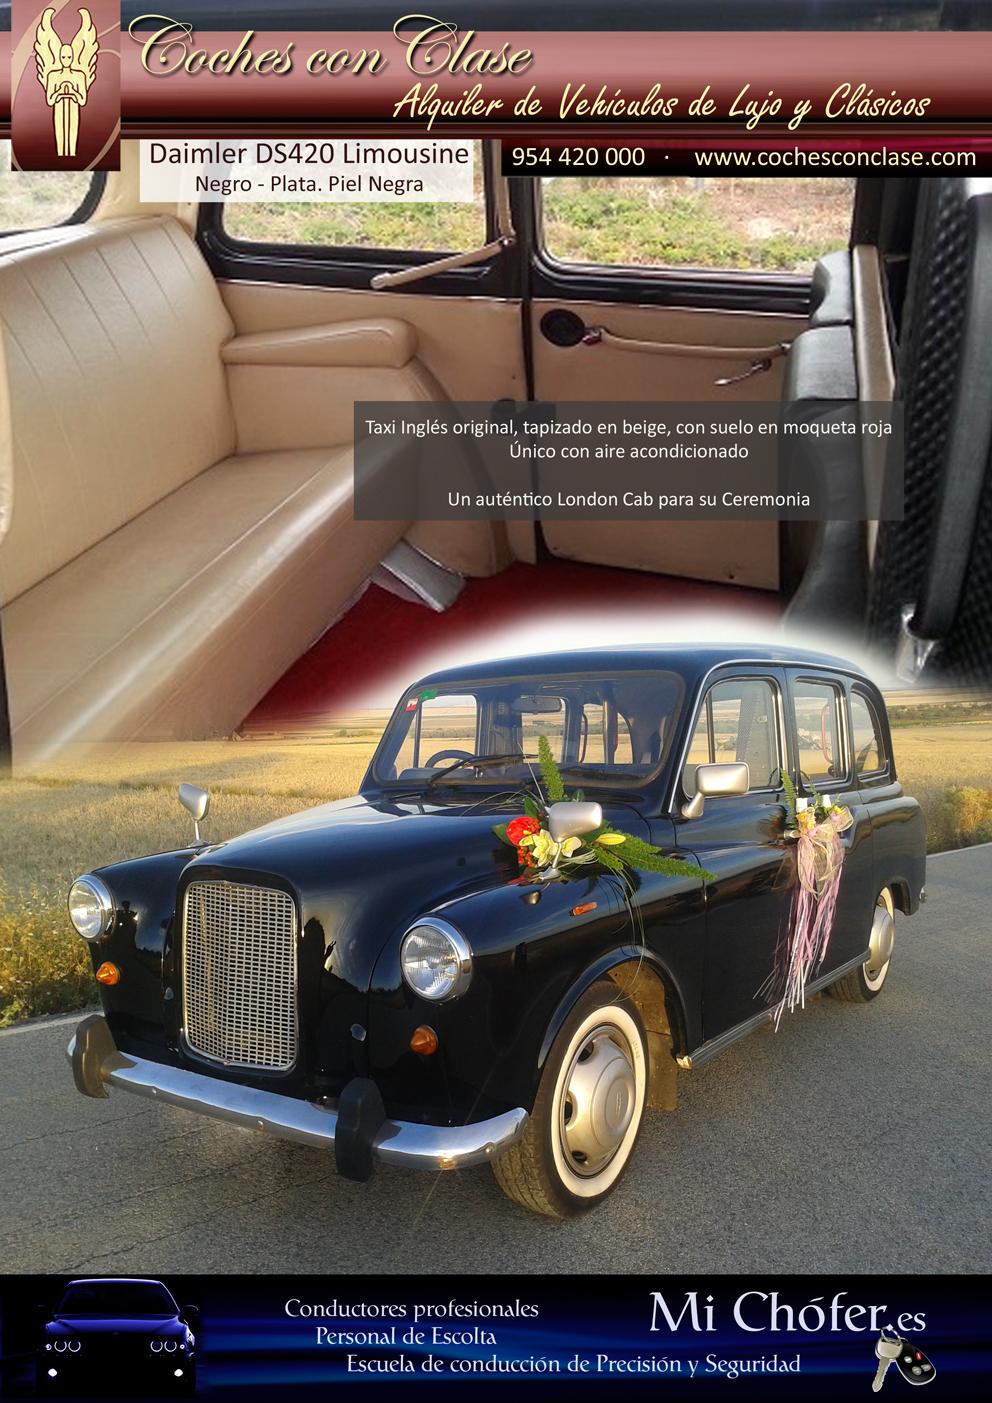 Taxi-ingles-para-bodas-en-sevilla